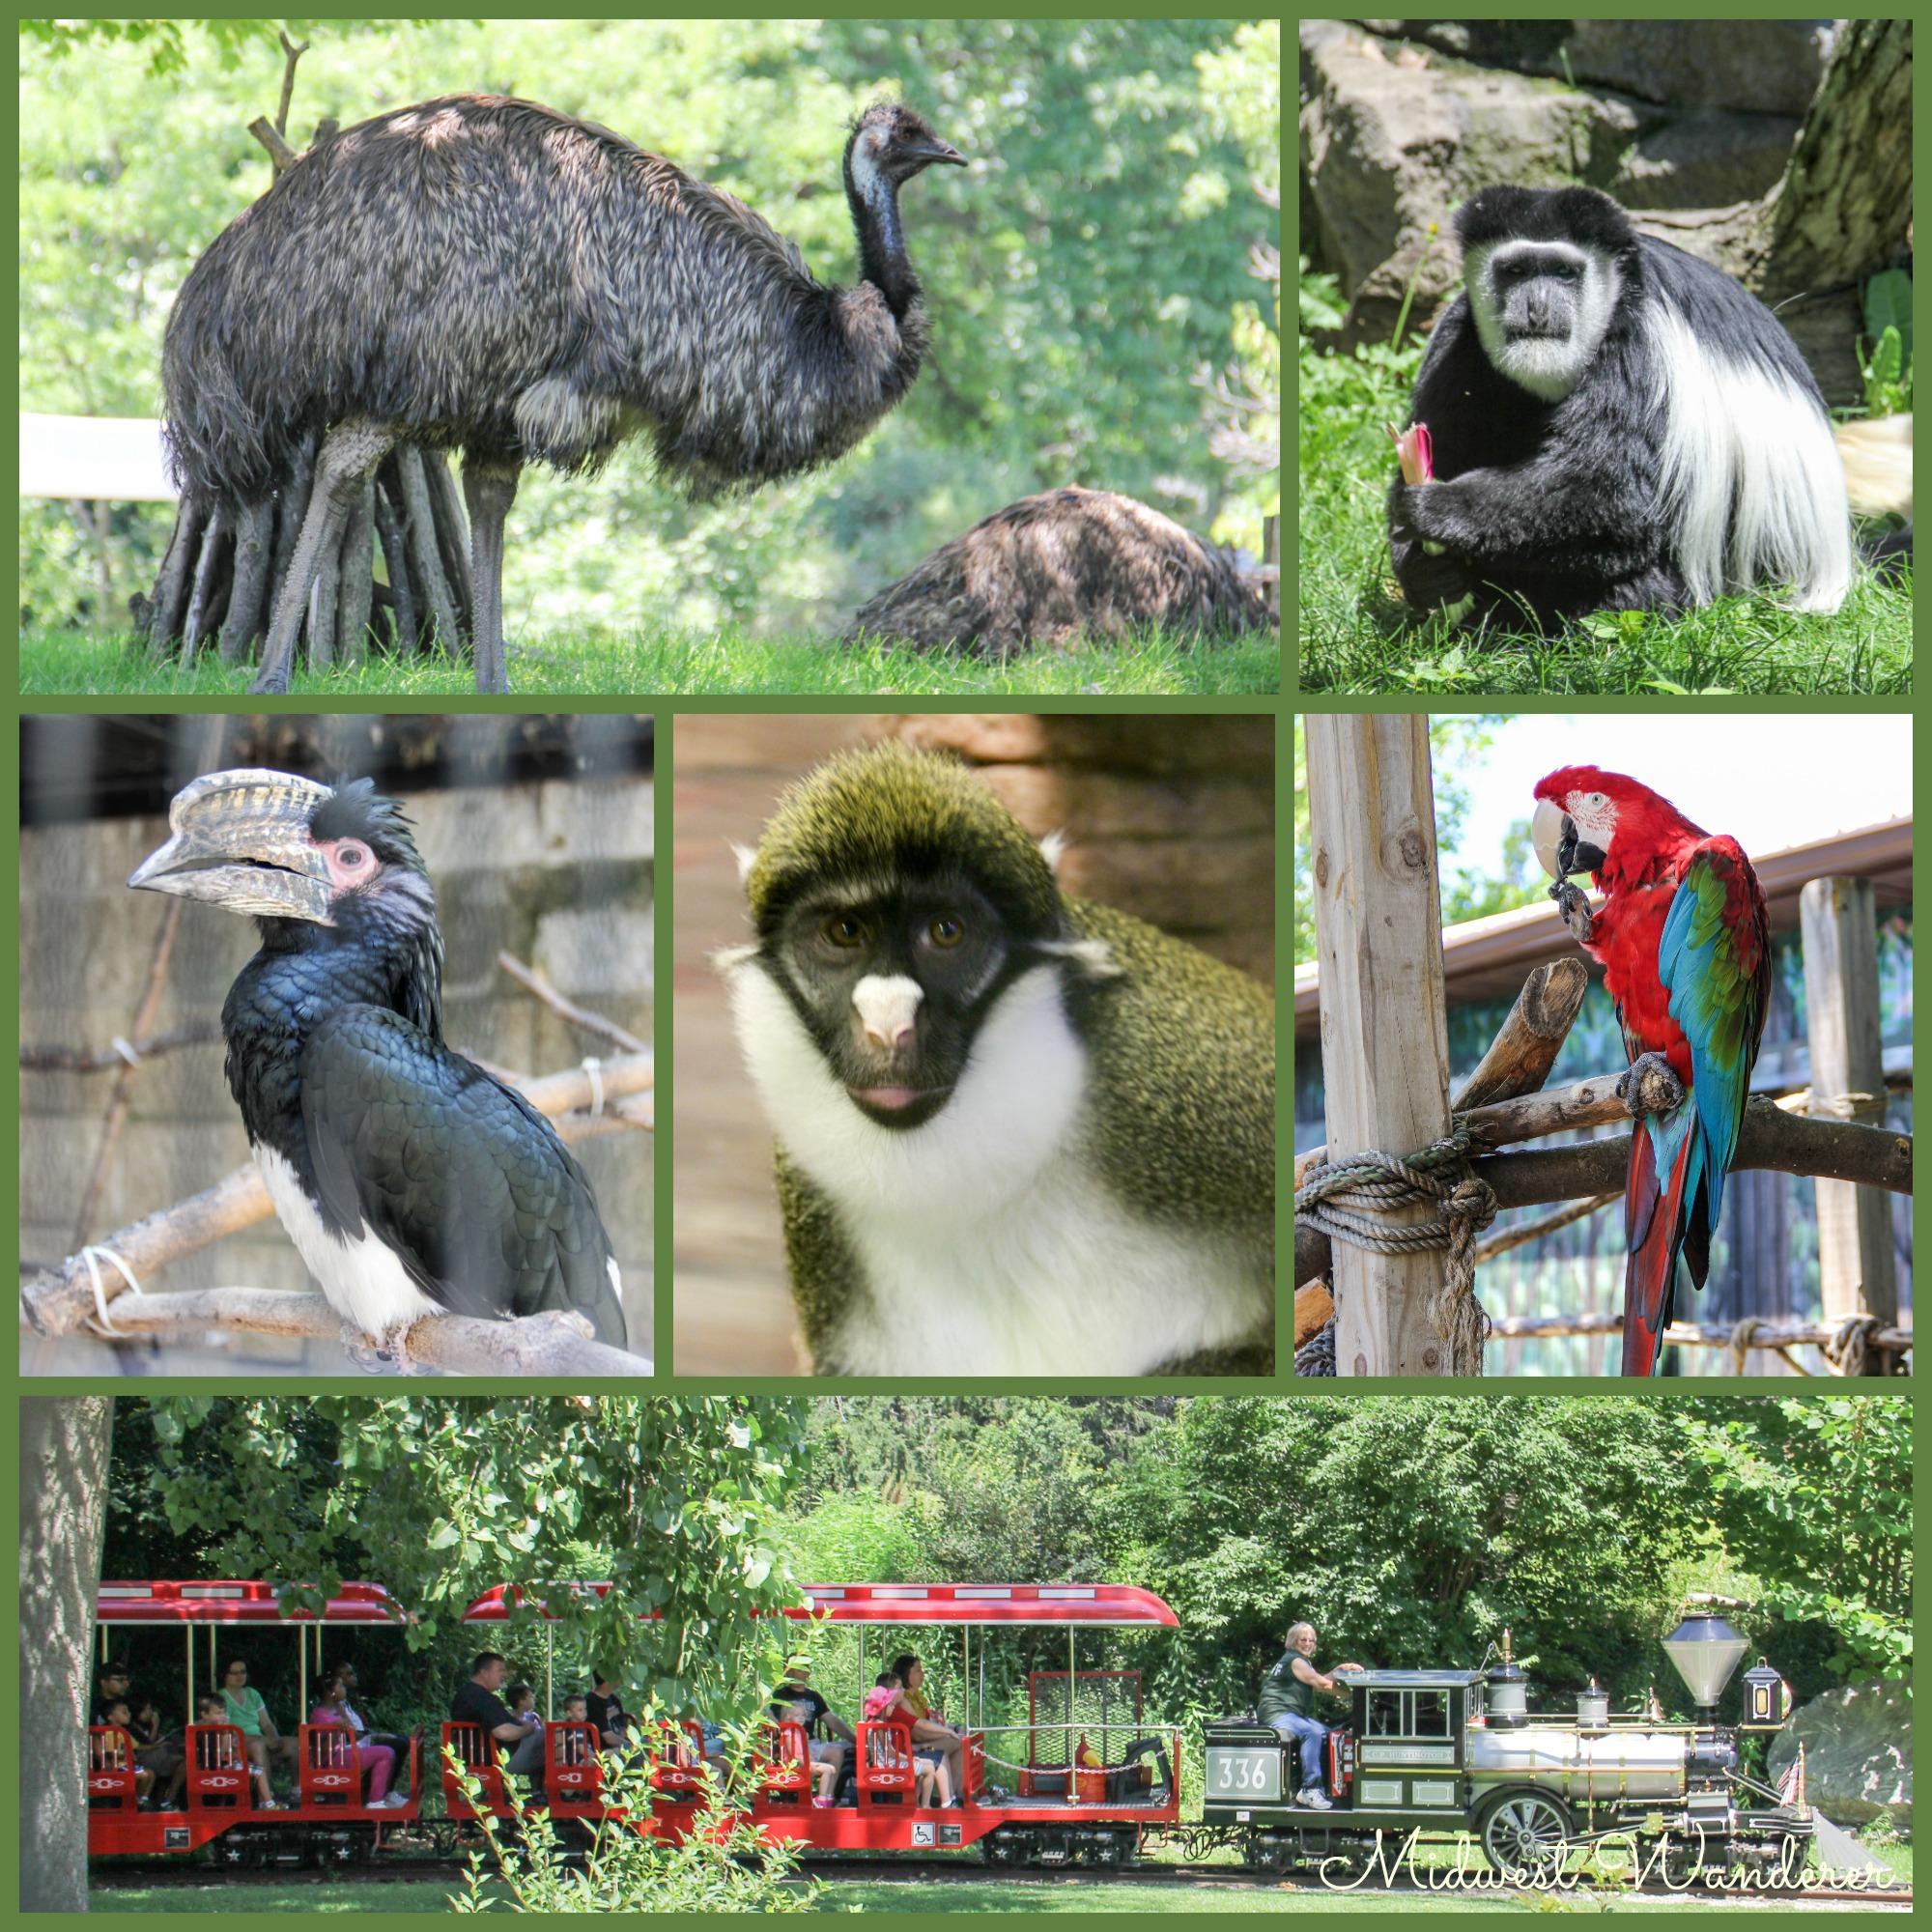 Potawatomi Zoo - Small Midwest Zoos